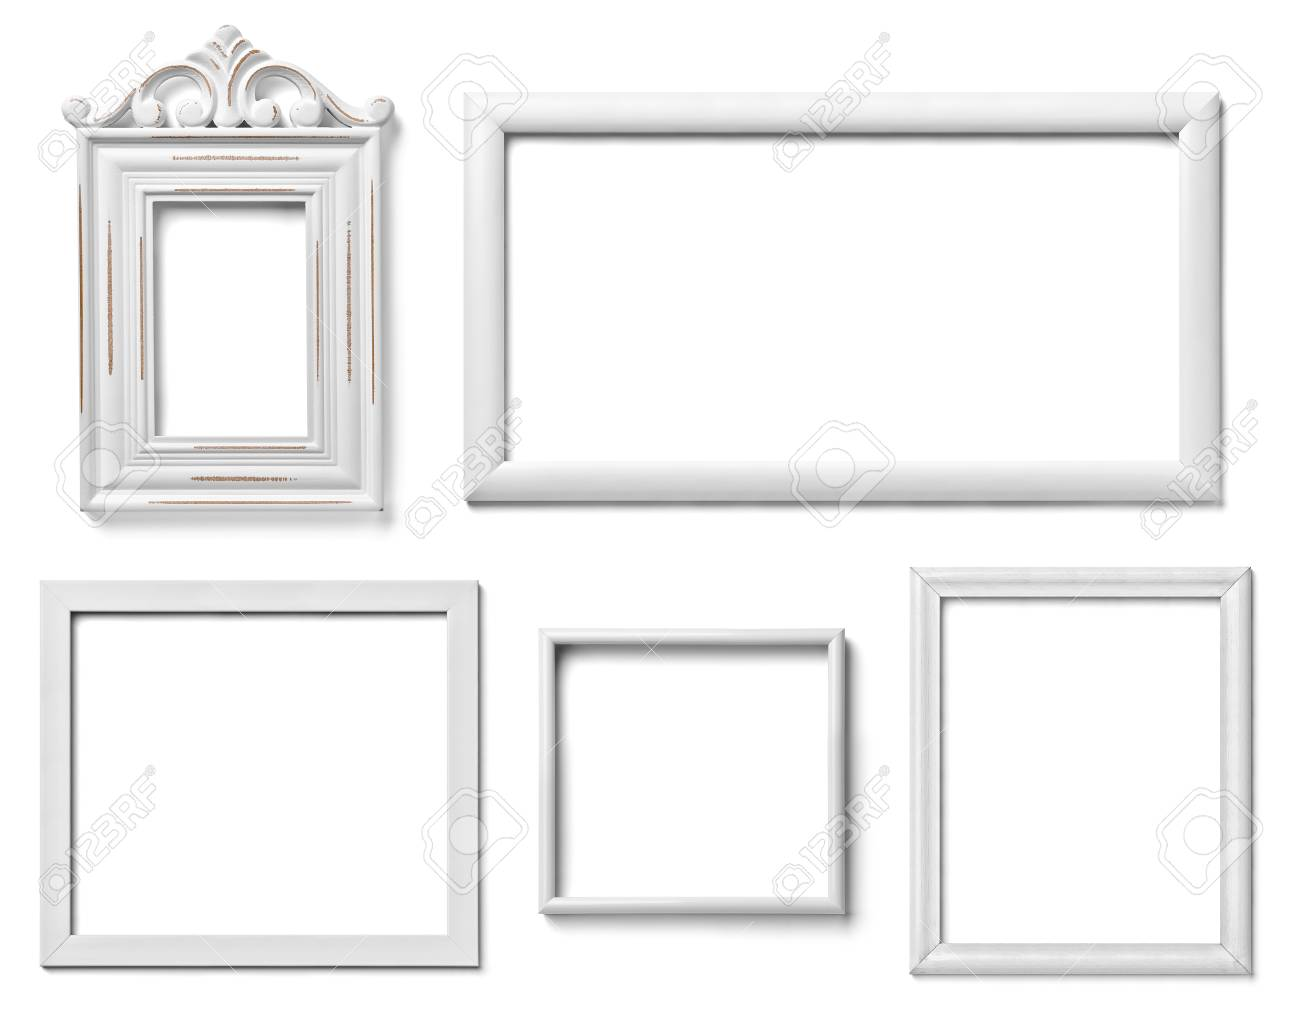 Lujo Marcos De Cuadros Blanco 4x6 Embellecimiento - Ideas ...